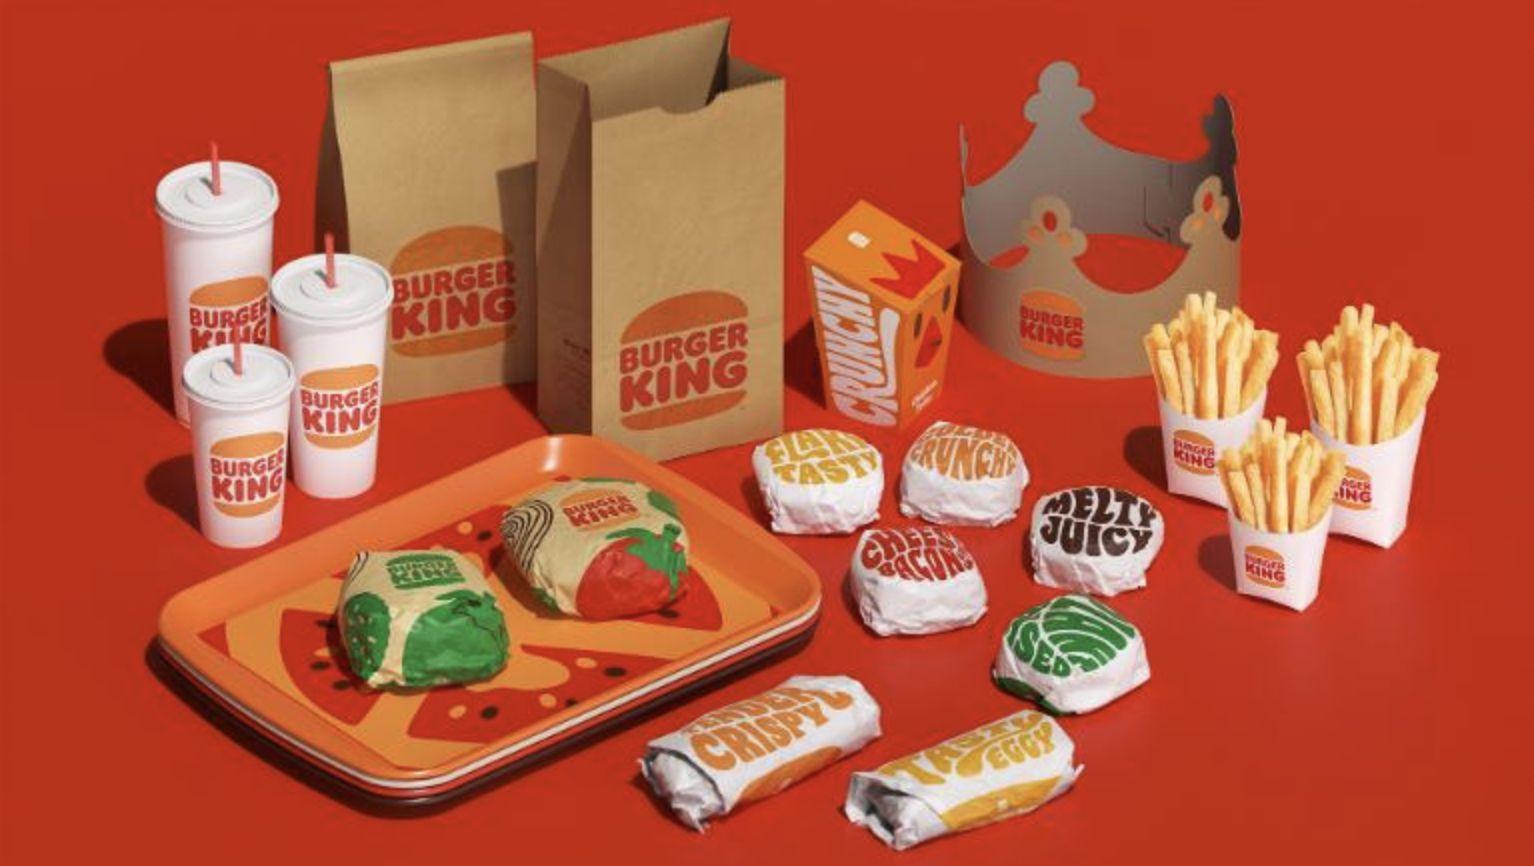 Burger King predstavil nové logo. Takto bude vyzerať nová identita známeho reťazca s rýchlym občerstvením